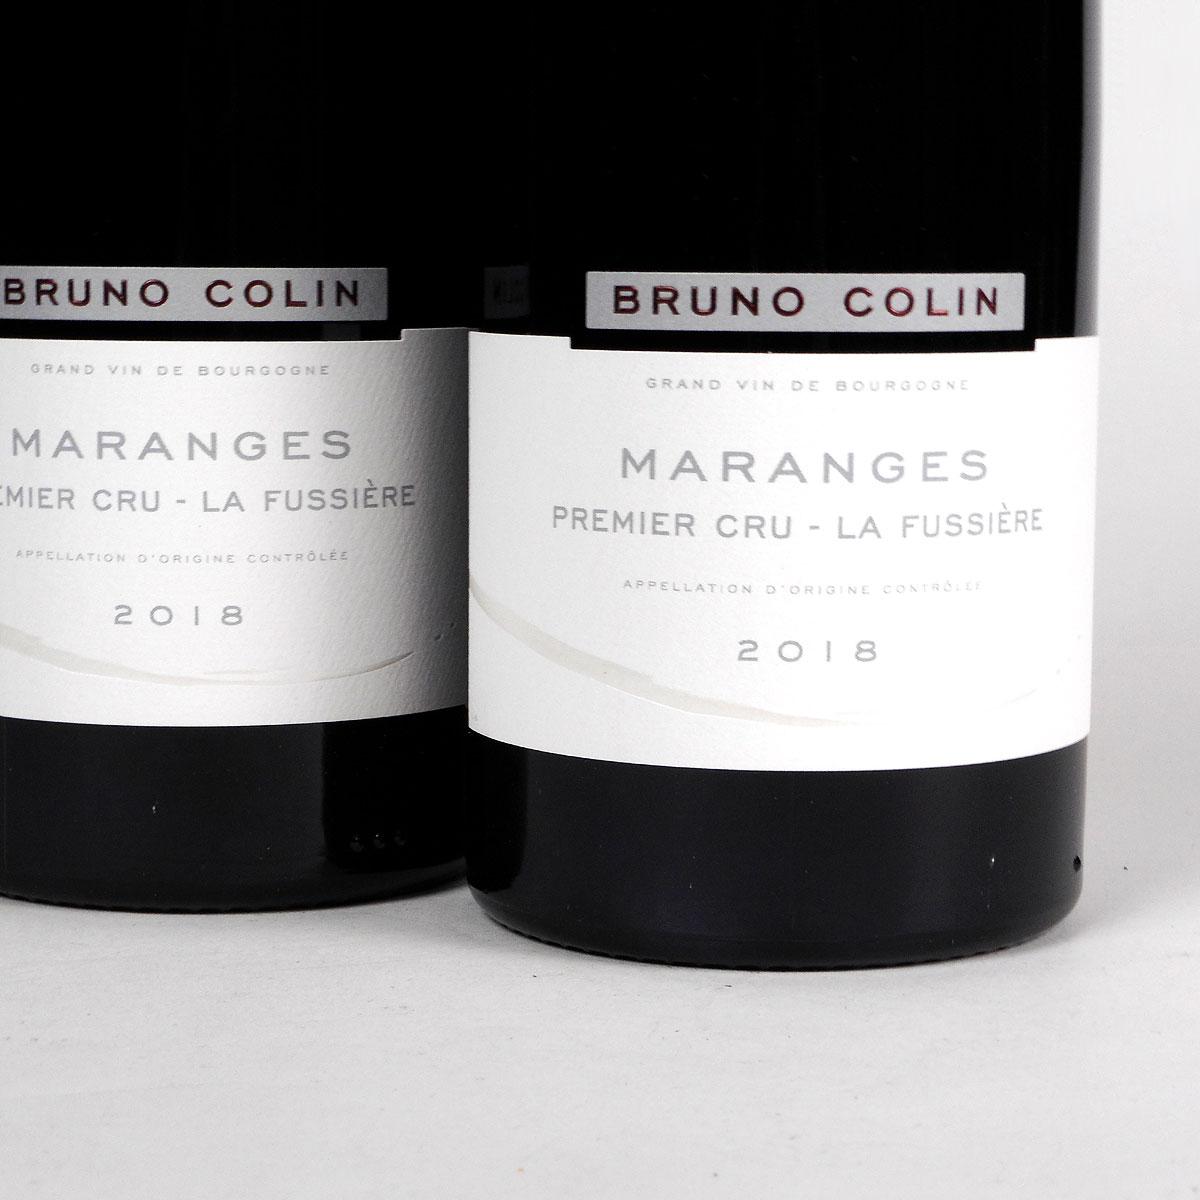 Maranges: Domaine Bruno Colin Premier Cru 'La Fussière' 2018